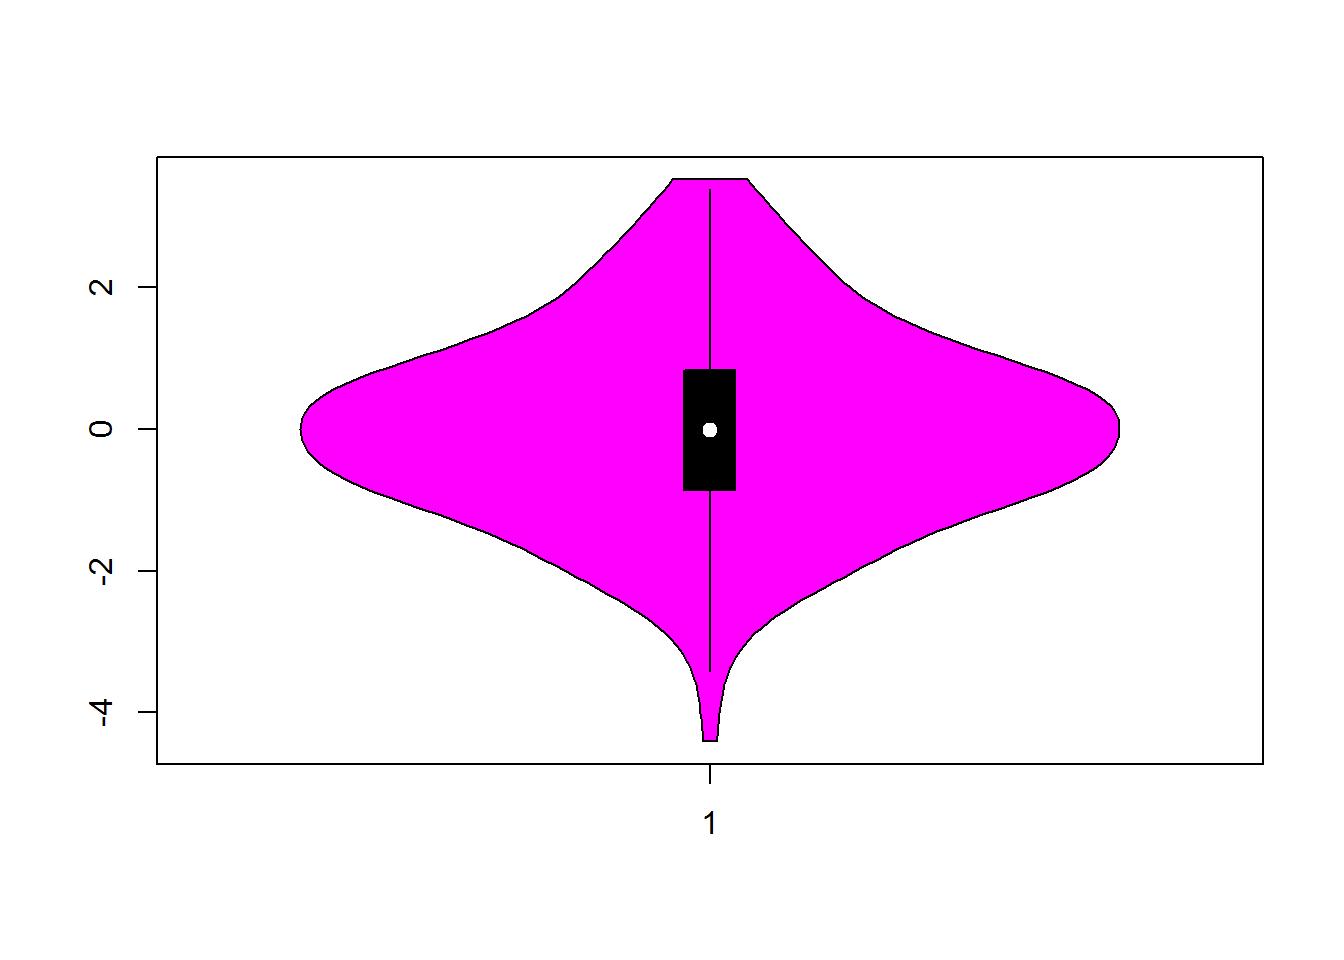 a2ff4b6c-c17b-4628-aa55-88d40ecd673f